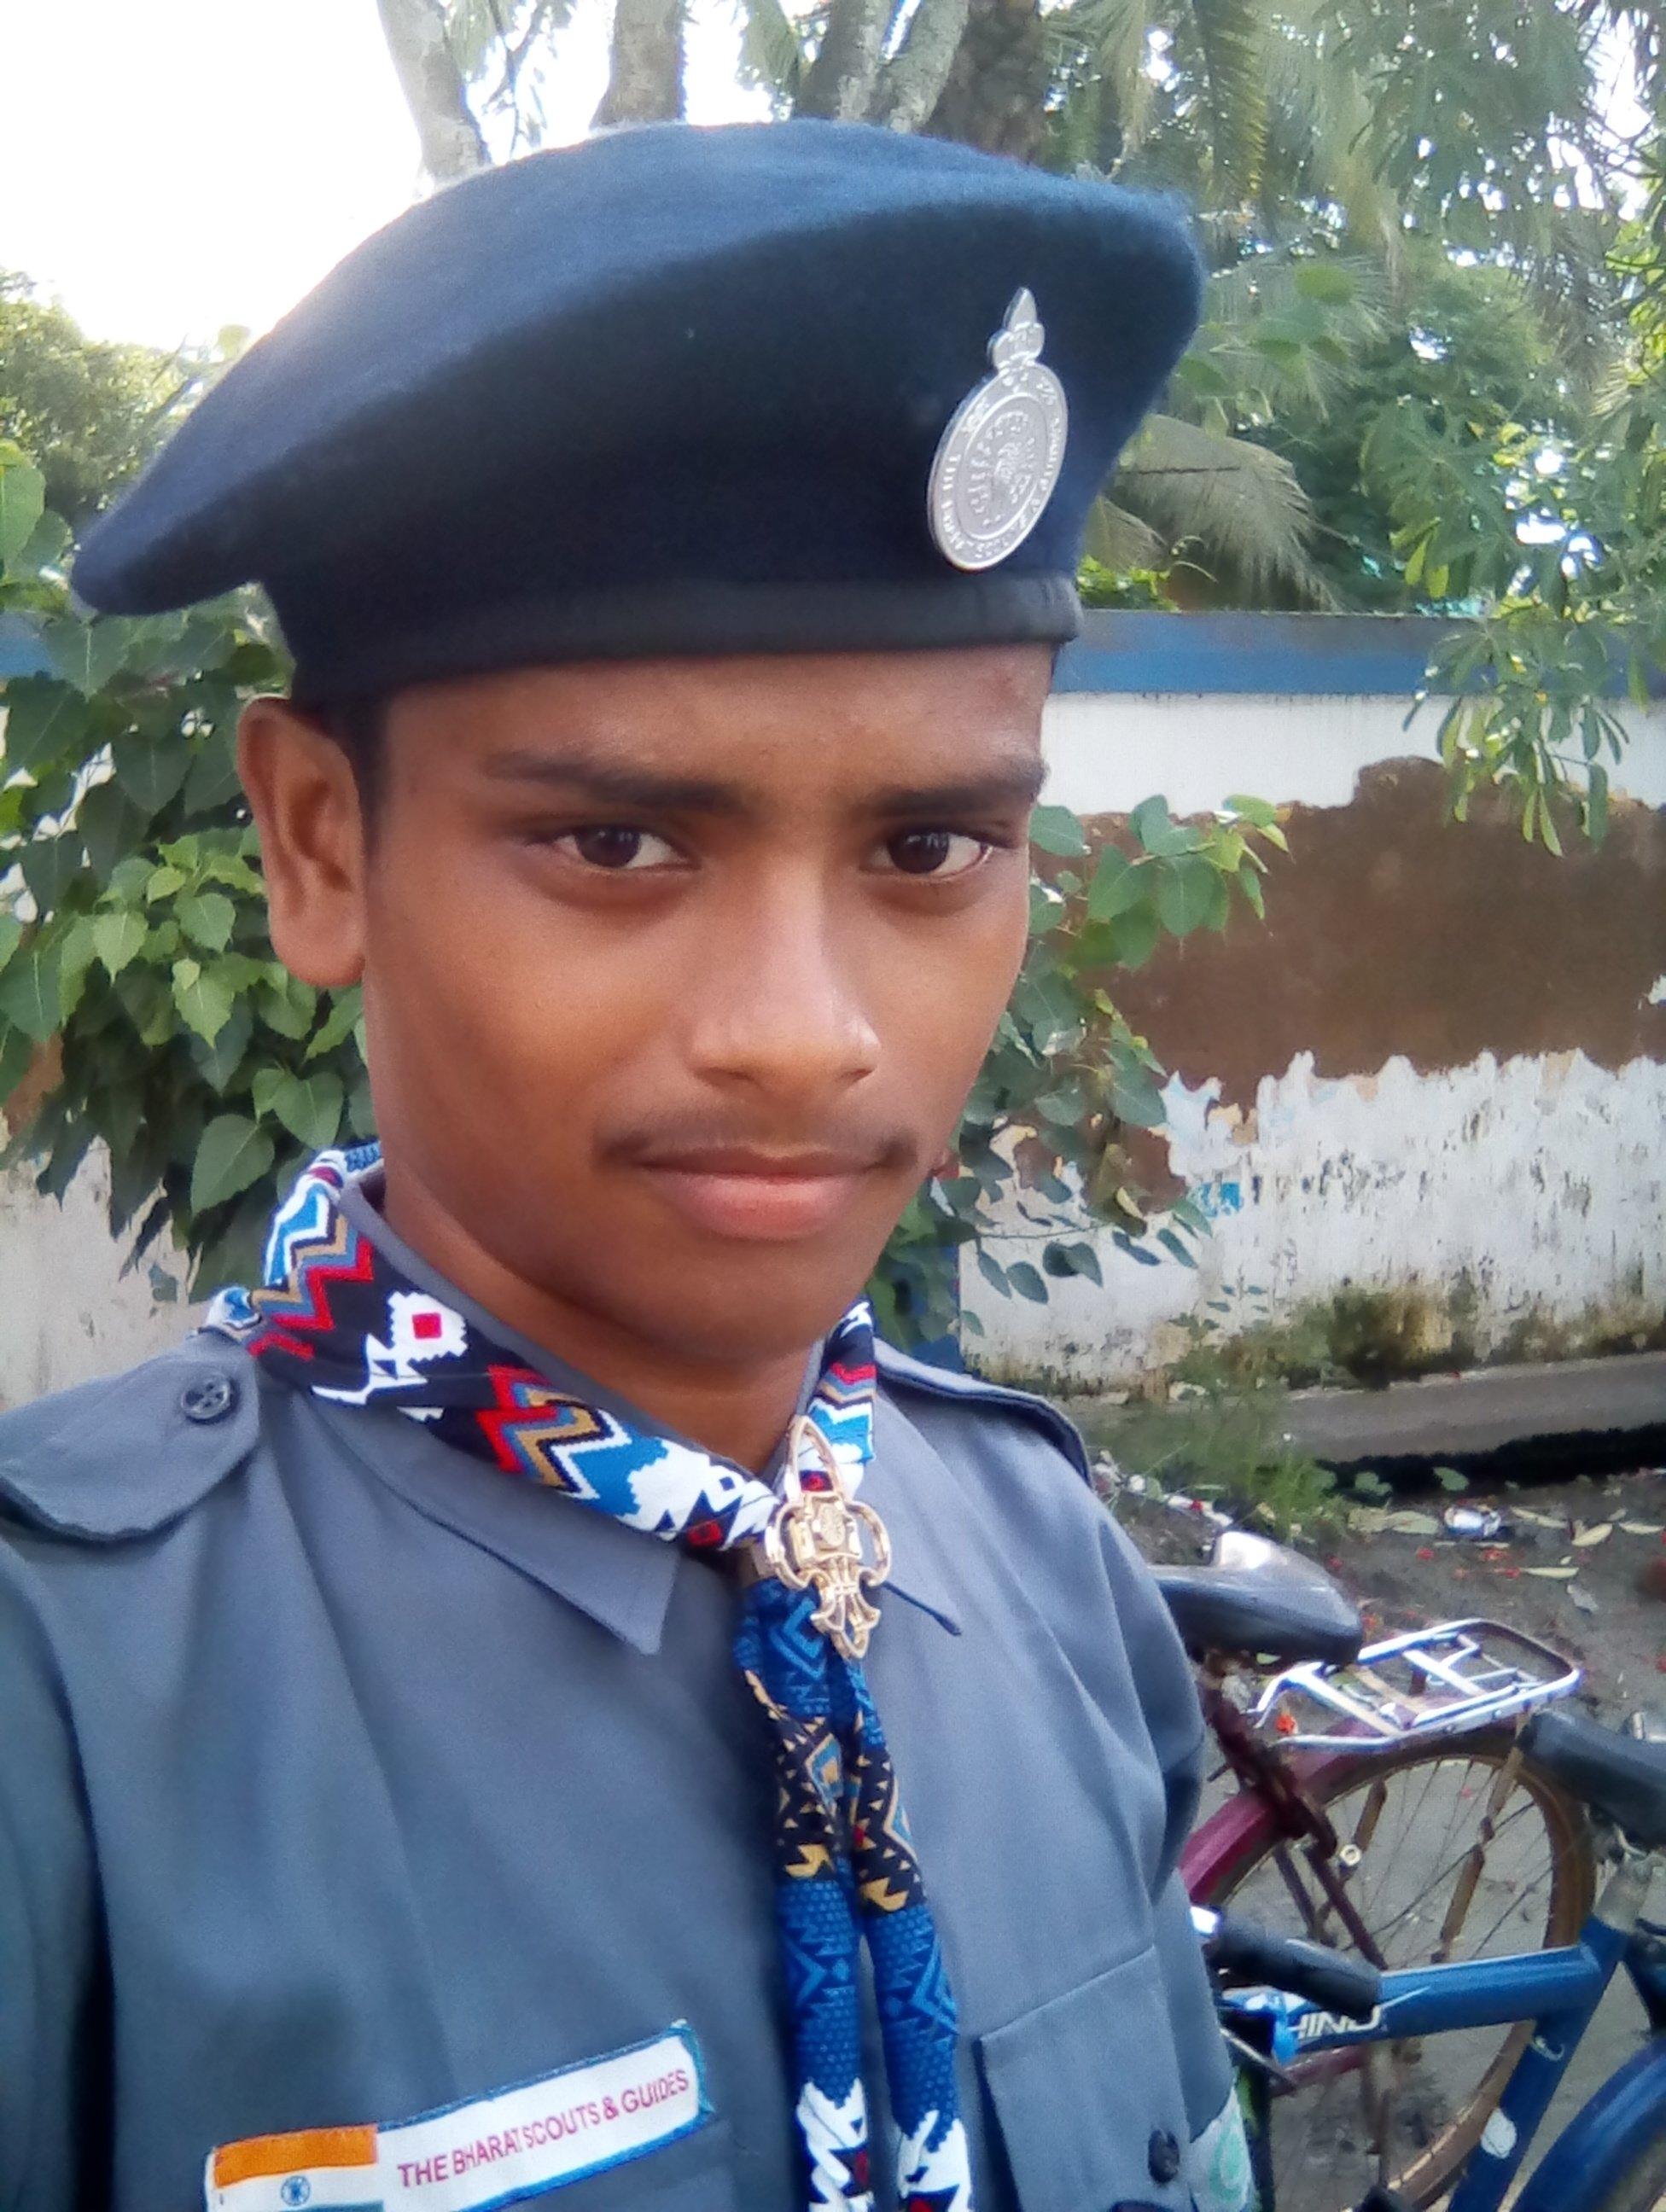 Profile picture for user Scout shiladitta_1